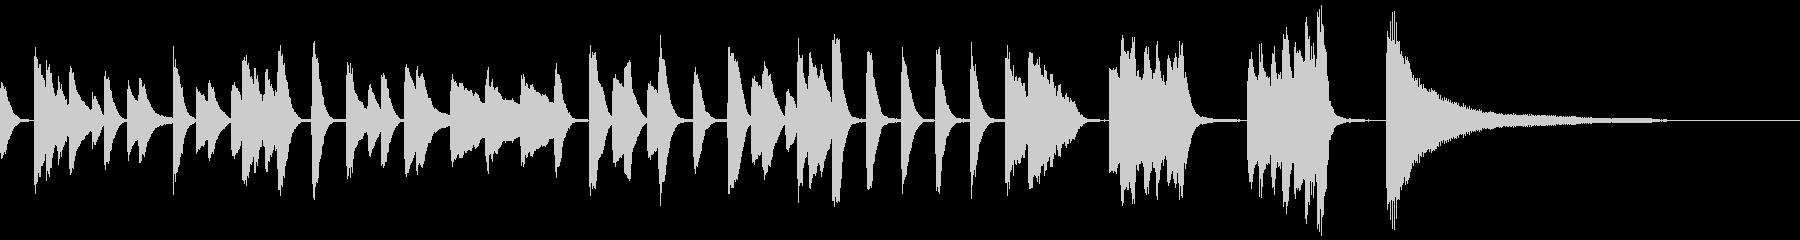 ほのぼのとした雰囲気のピアノの未再生の波形